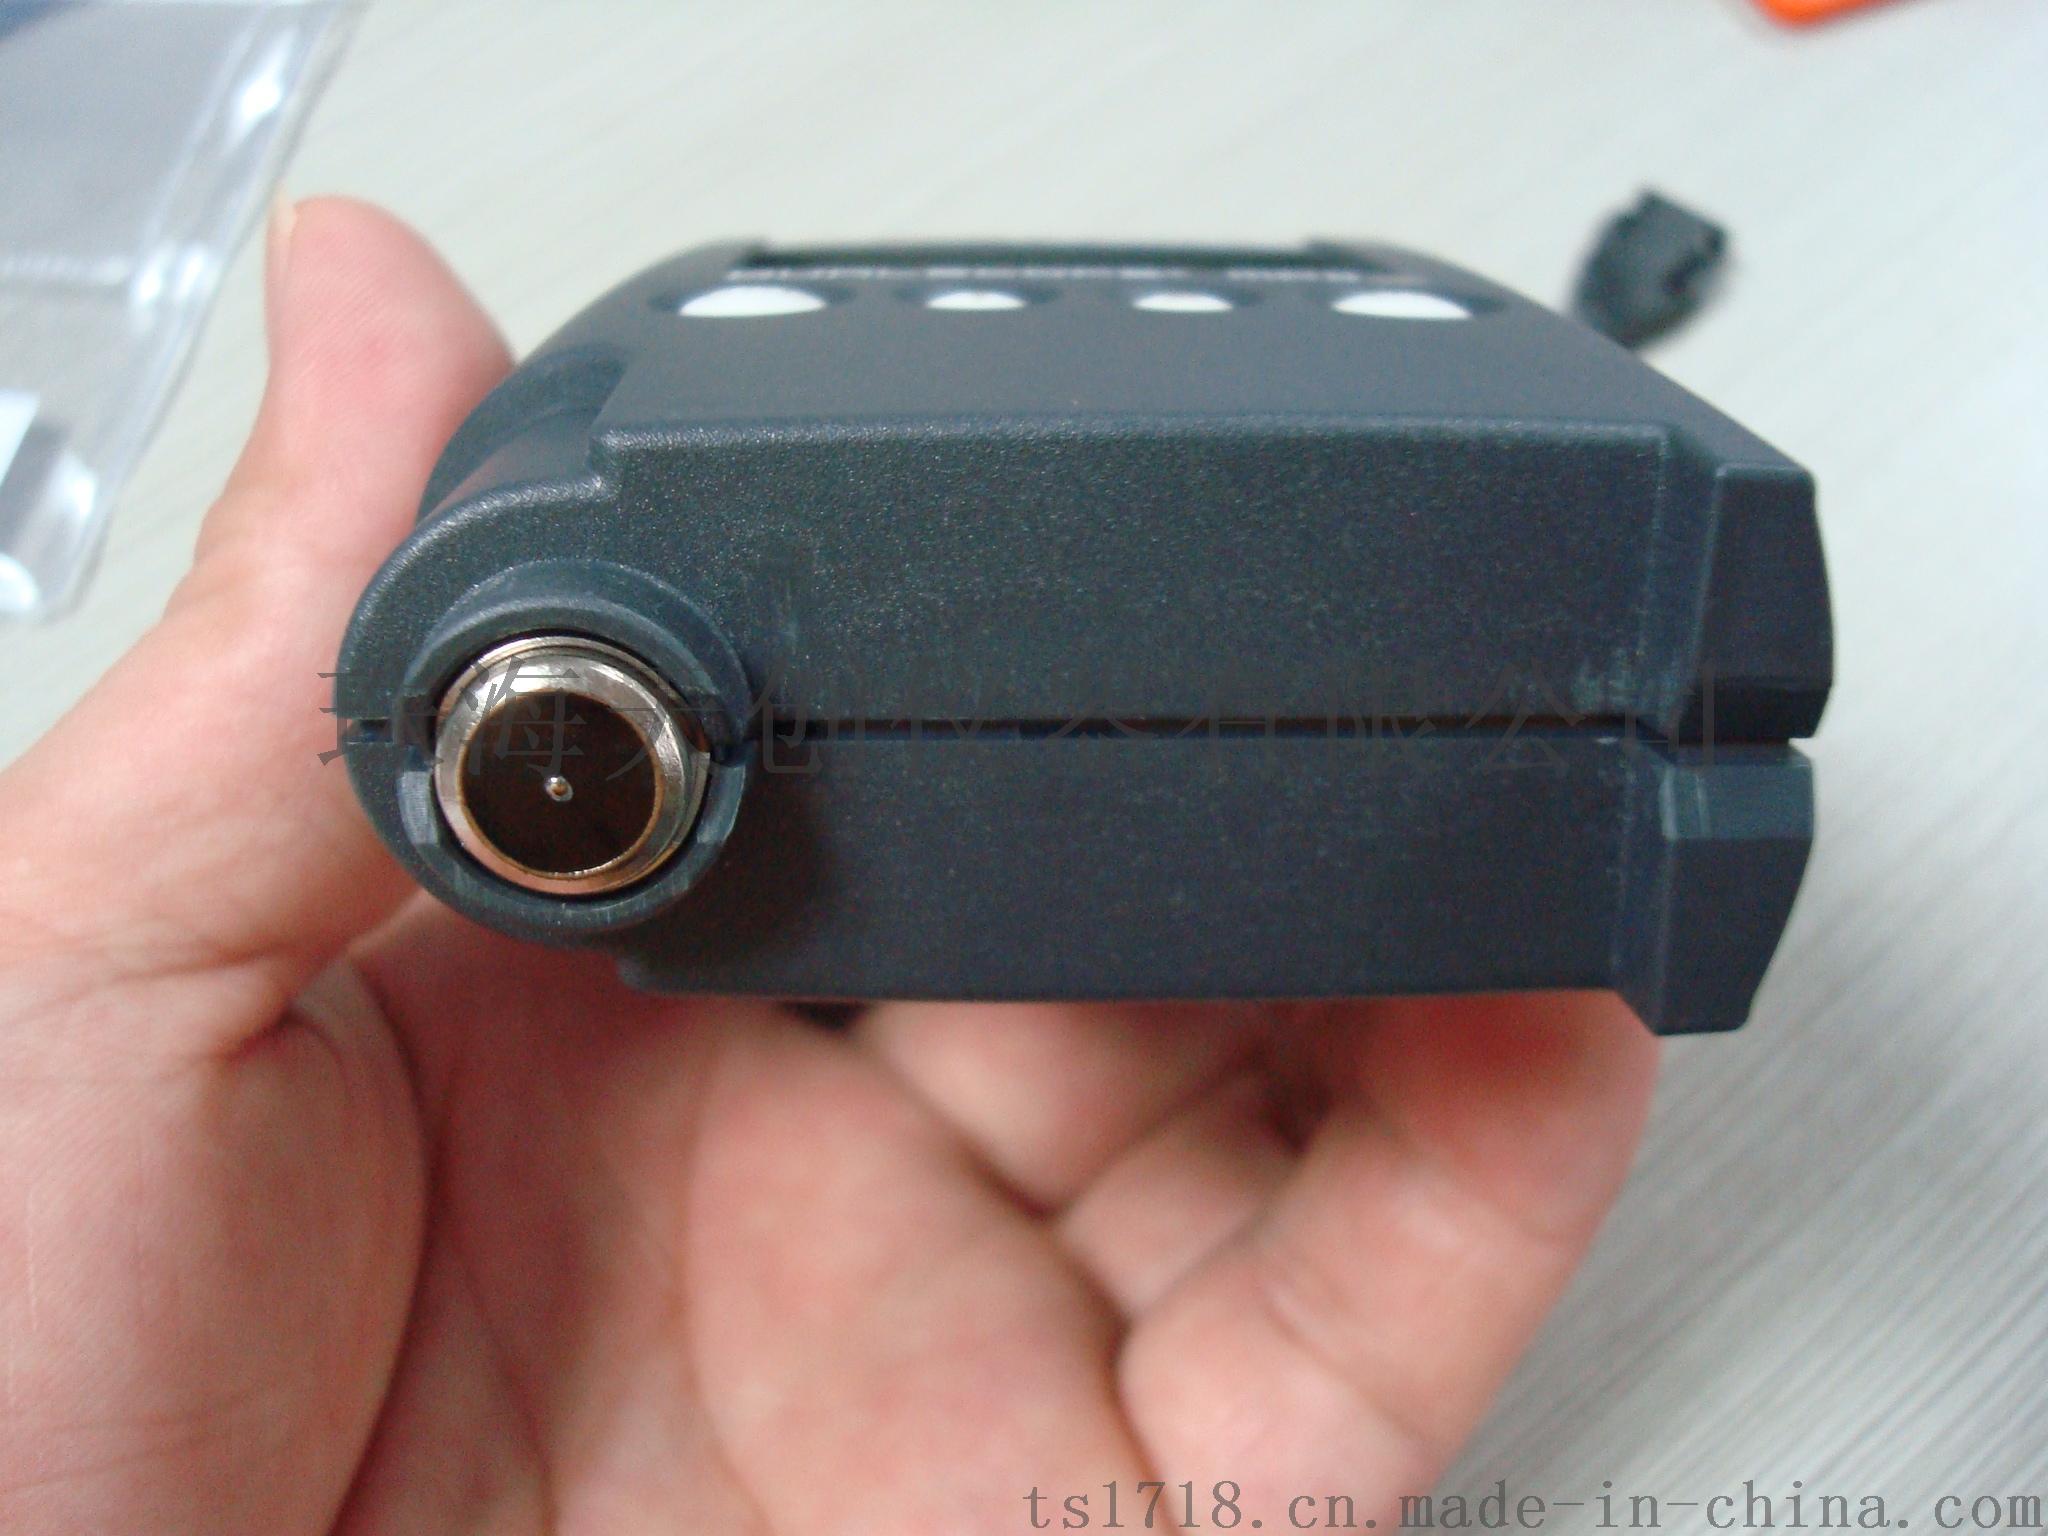 MP0袖珍式膜厚儀,德國菲希爾塗鍍層測厚儀765832915